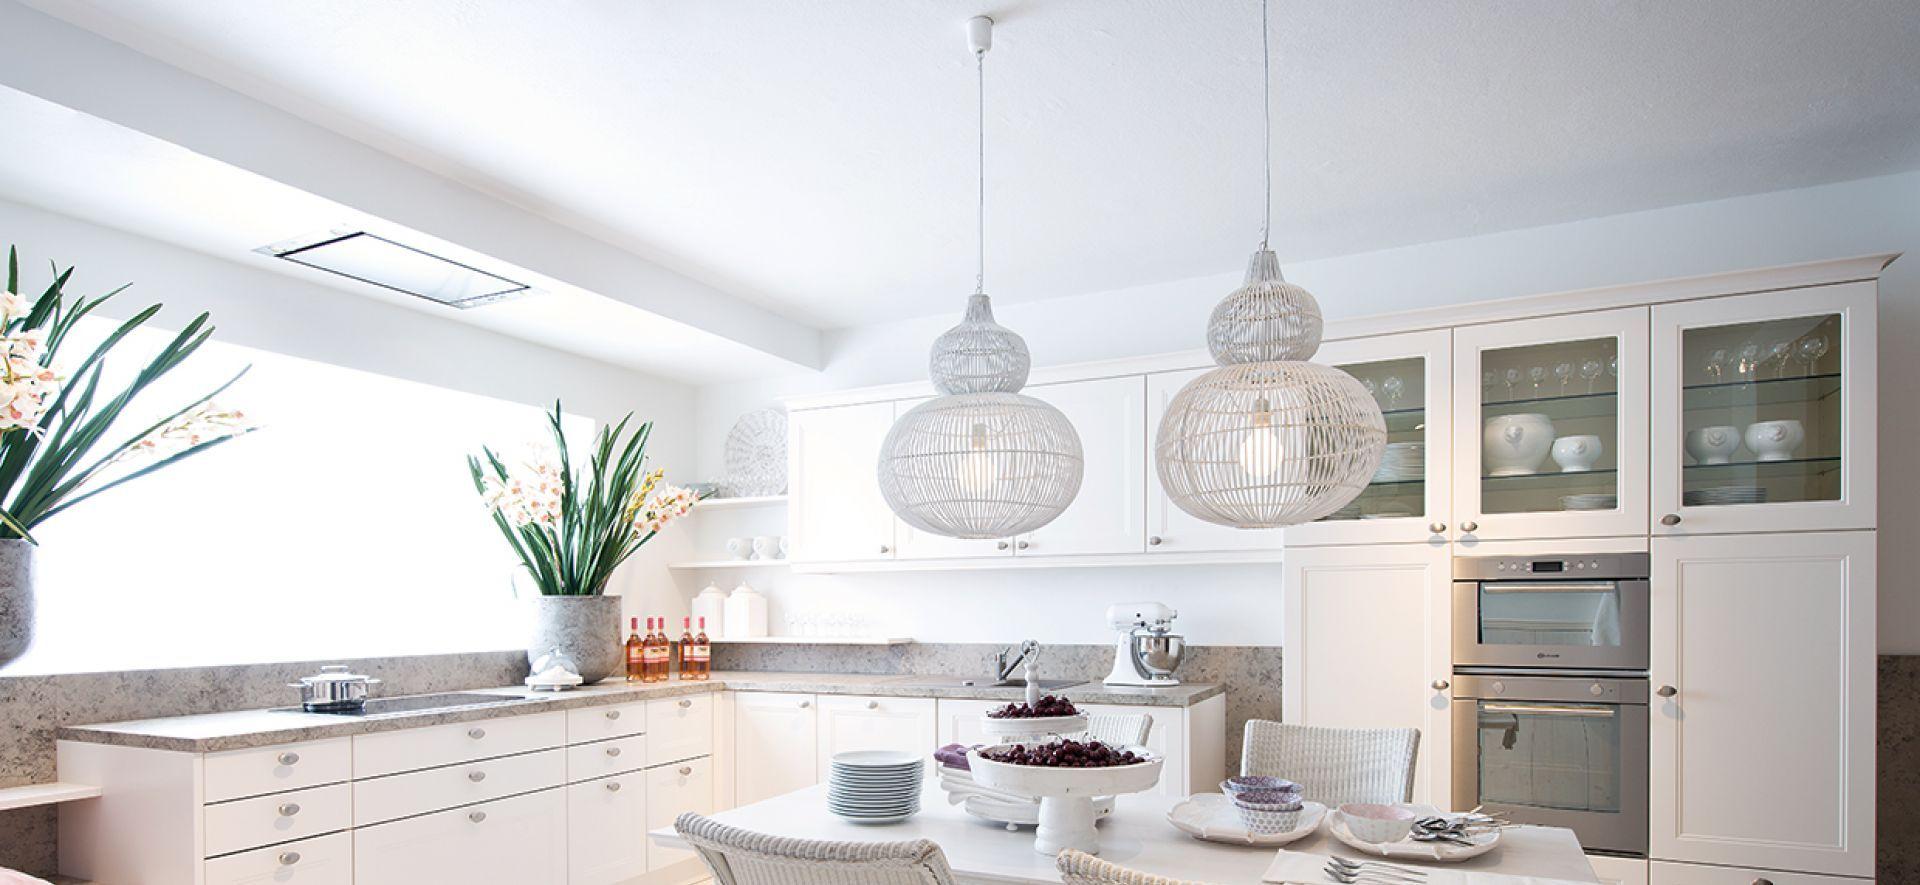 Groß Küchenwand Lackfarben Mit Eichenschränke Bilder - Ideen Für Die ...